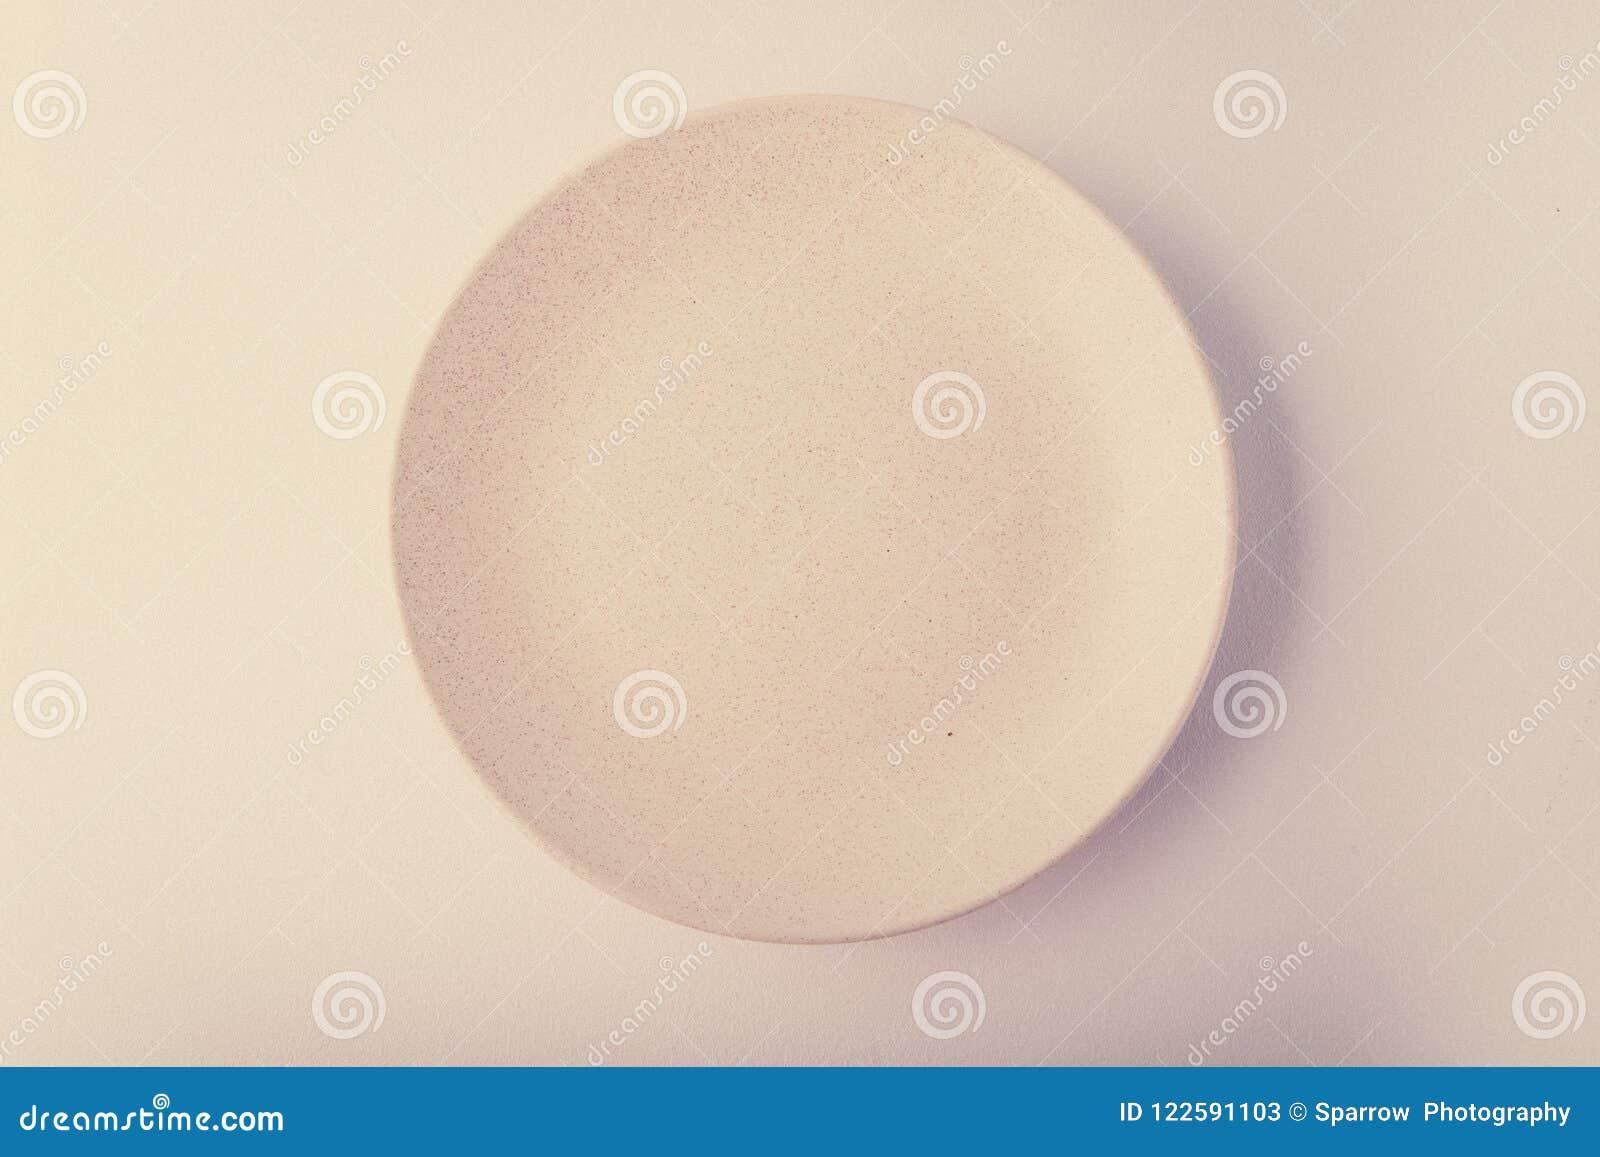 一块淡色板材的顶视图在淡色桃子背景的 简单派食物摄影 几何样式